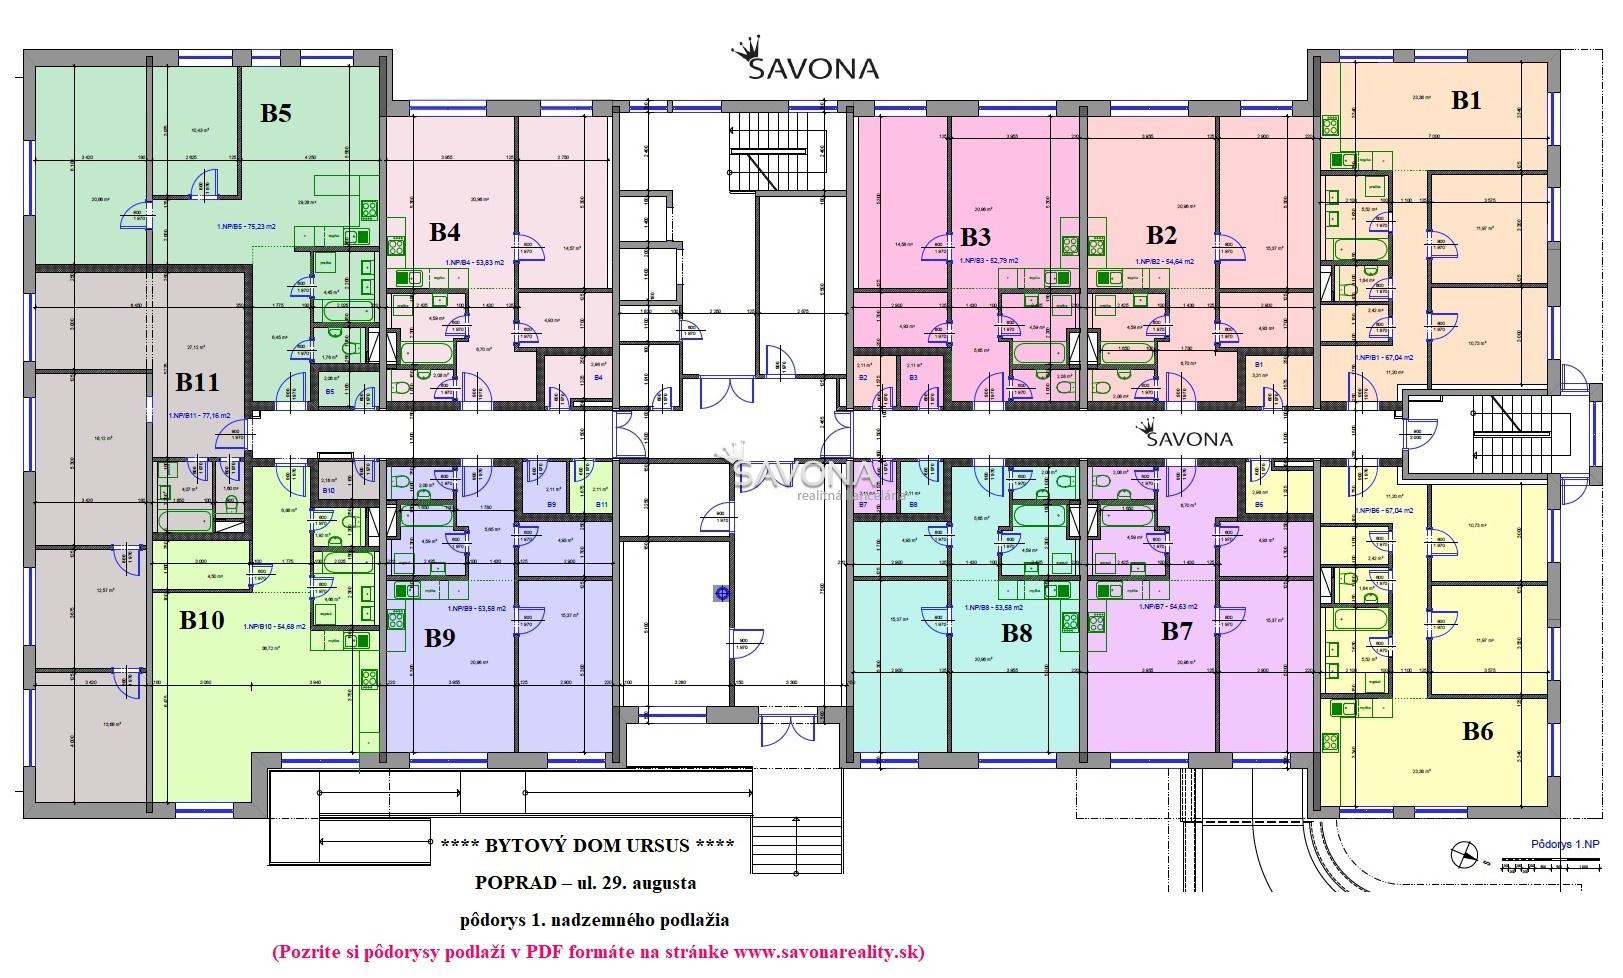 URSUS - PREDANÉ - všetky 3 izbové byty na 1. podlaží